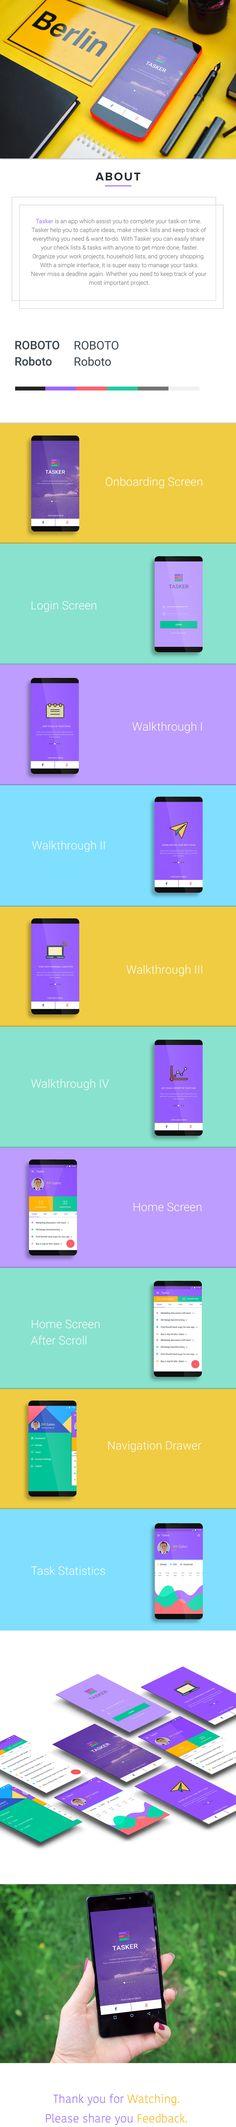 Tasker - Android 6.0 Marshmallow on Behance